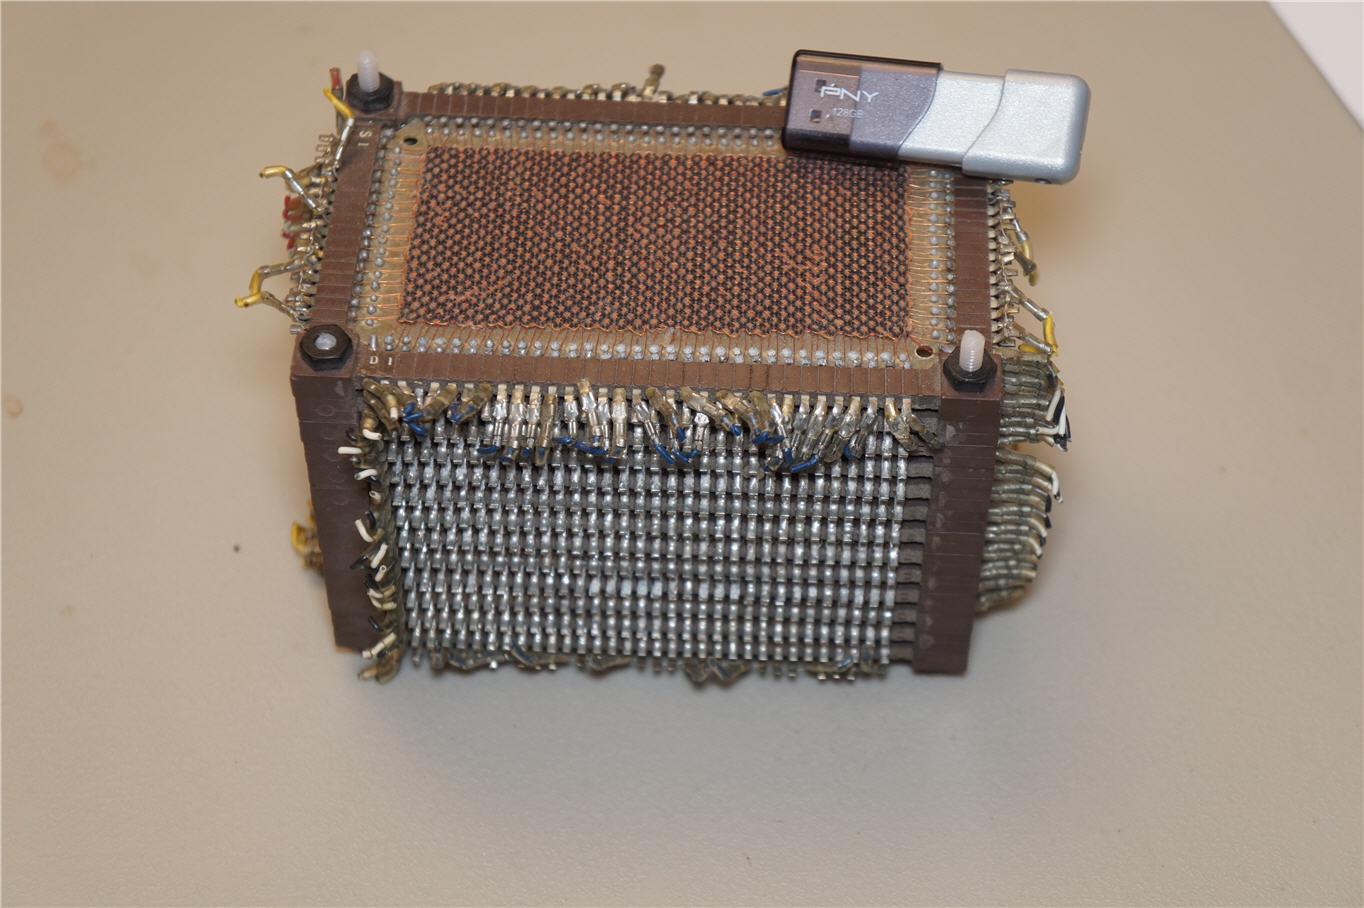 A core memory module - 13k bits